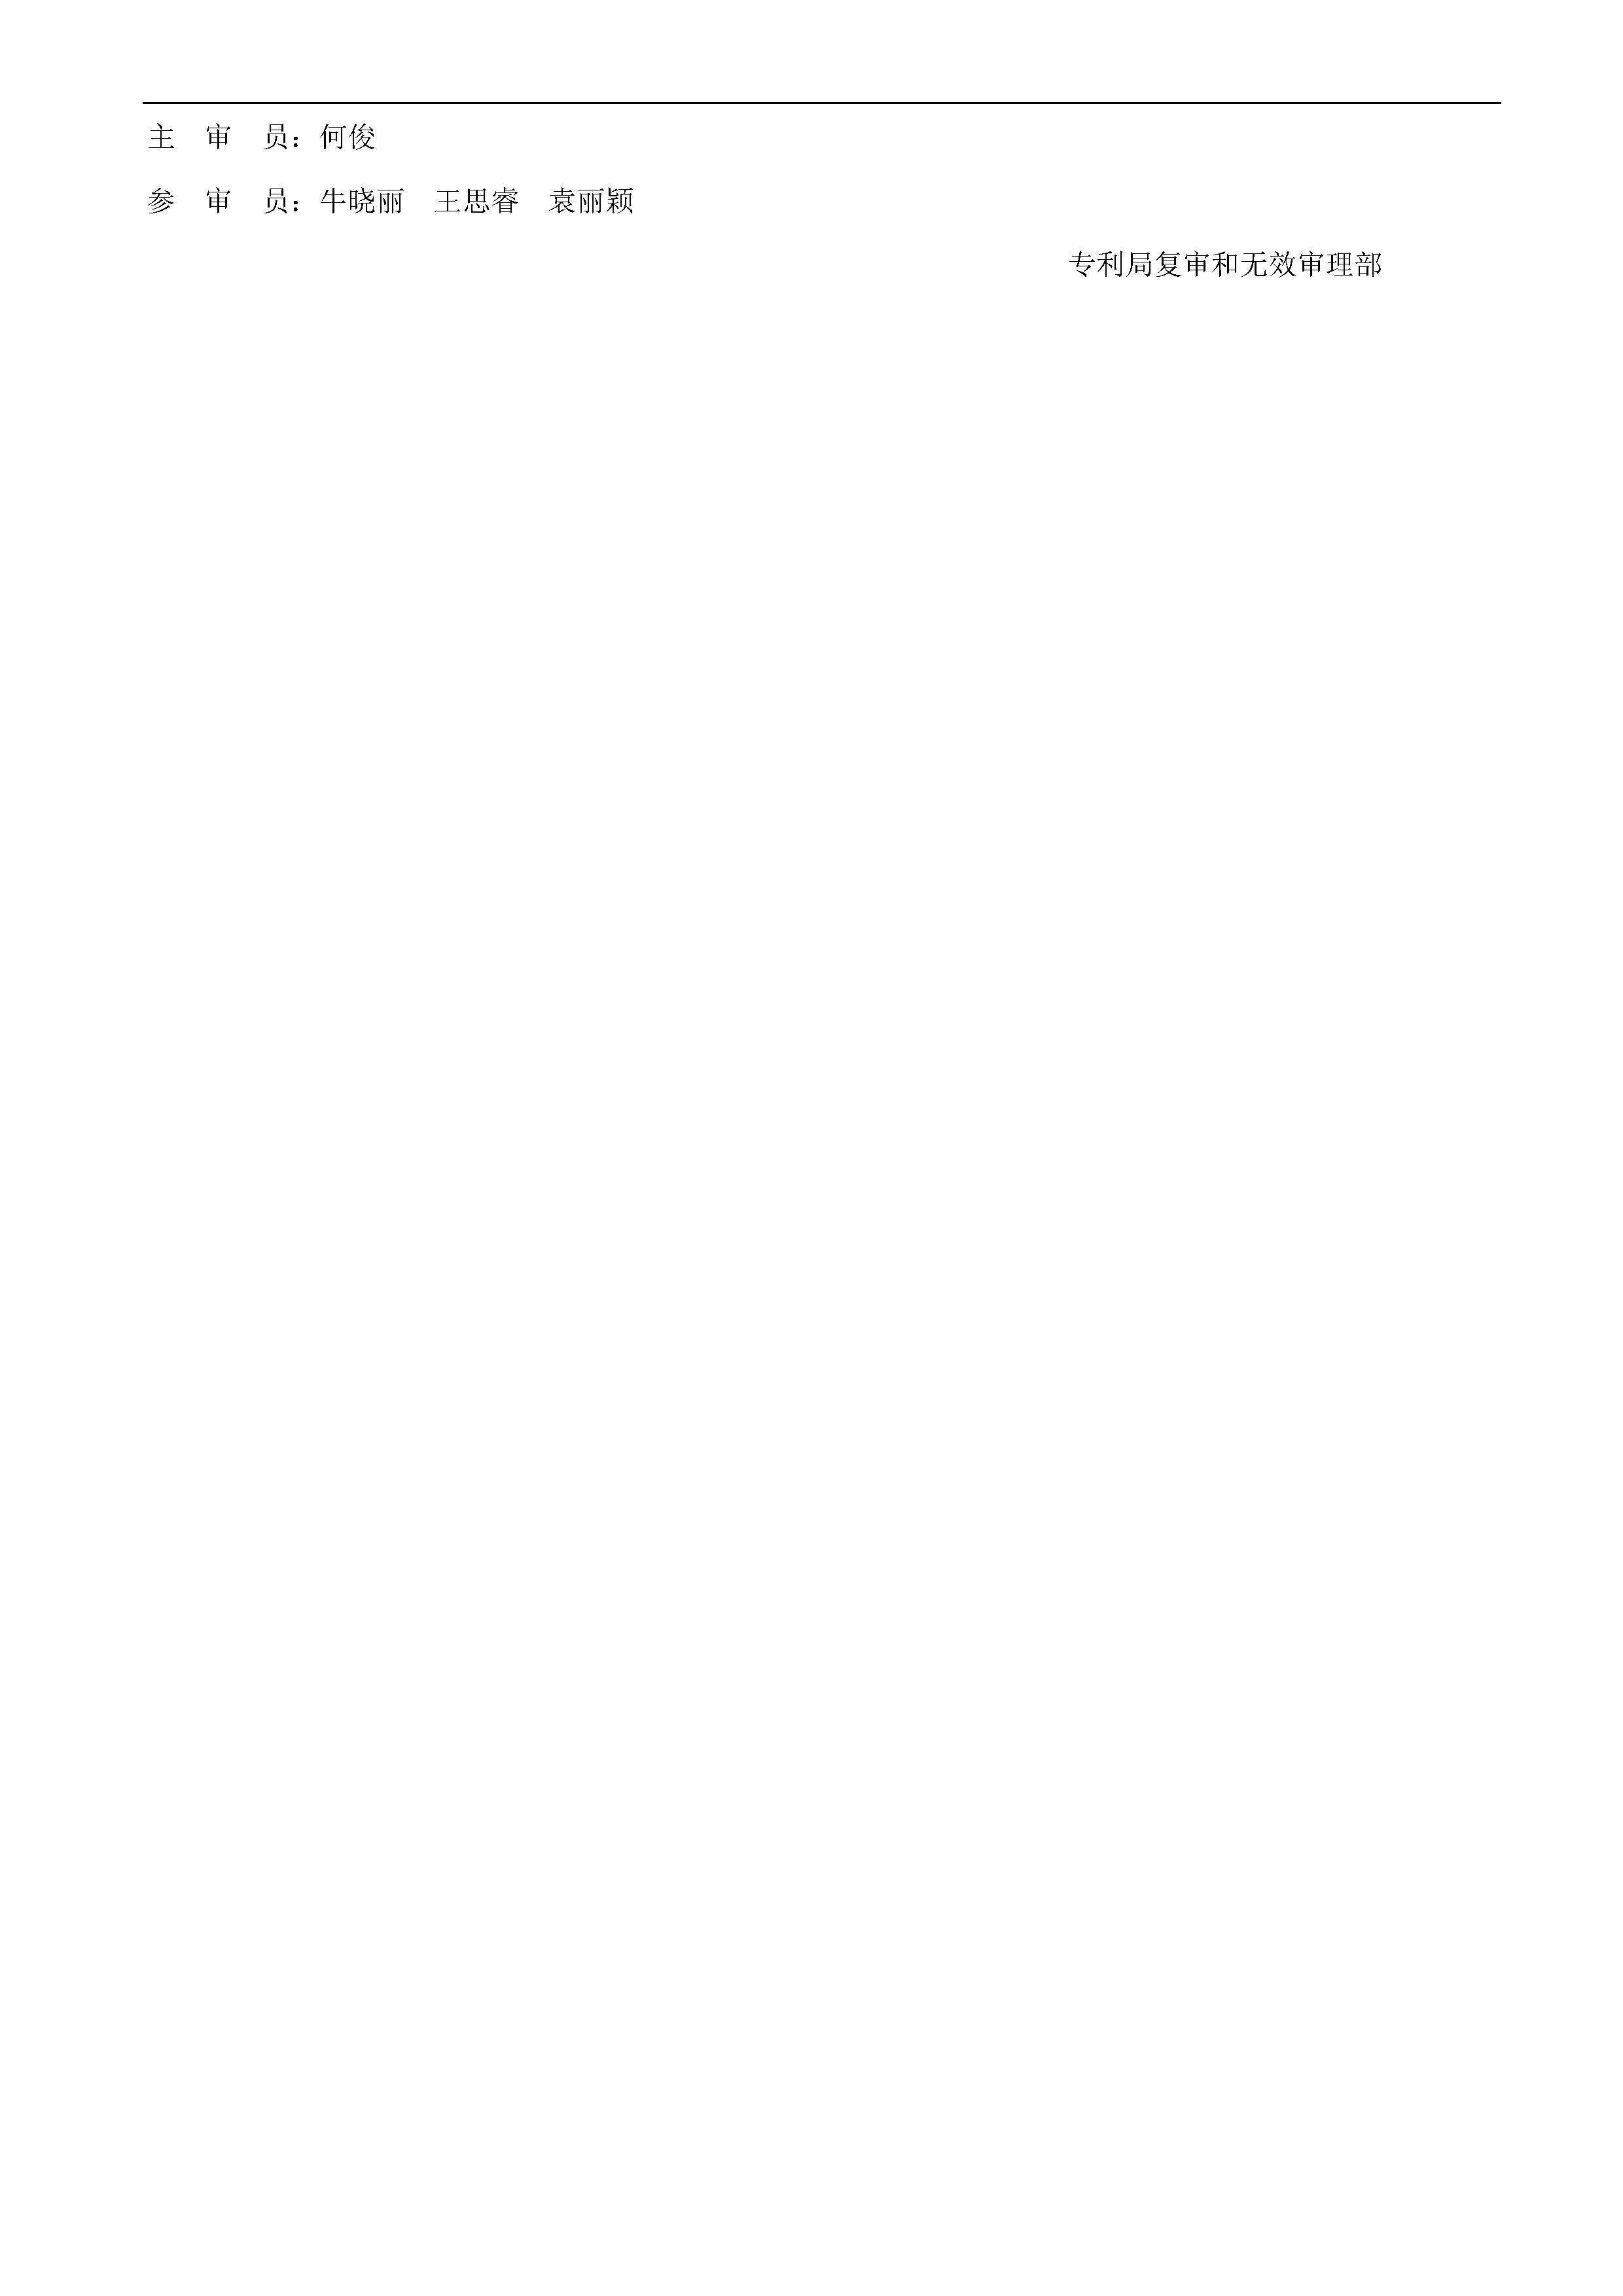 索赔10亿!公牛集团专利诉讼案两件涉案专利全部无效(附:决定书全文)